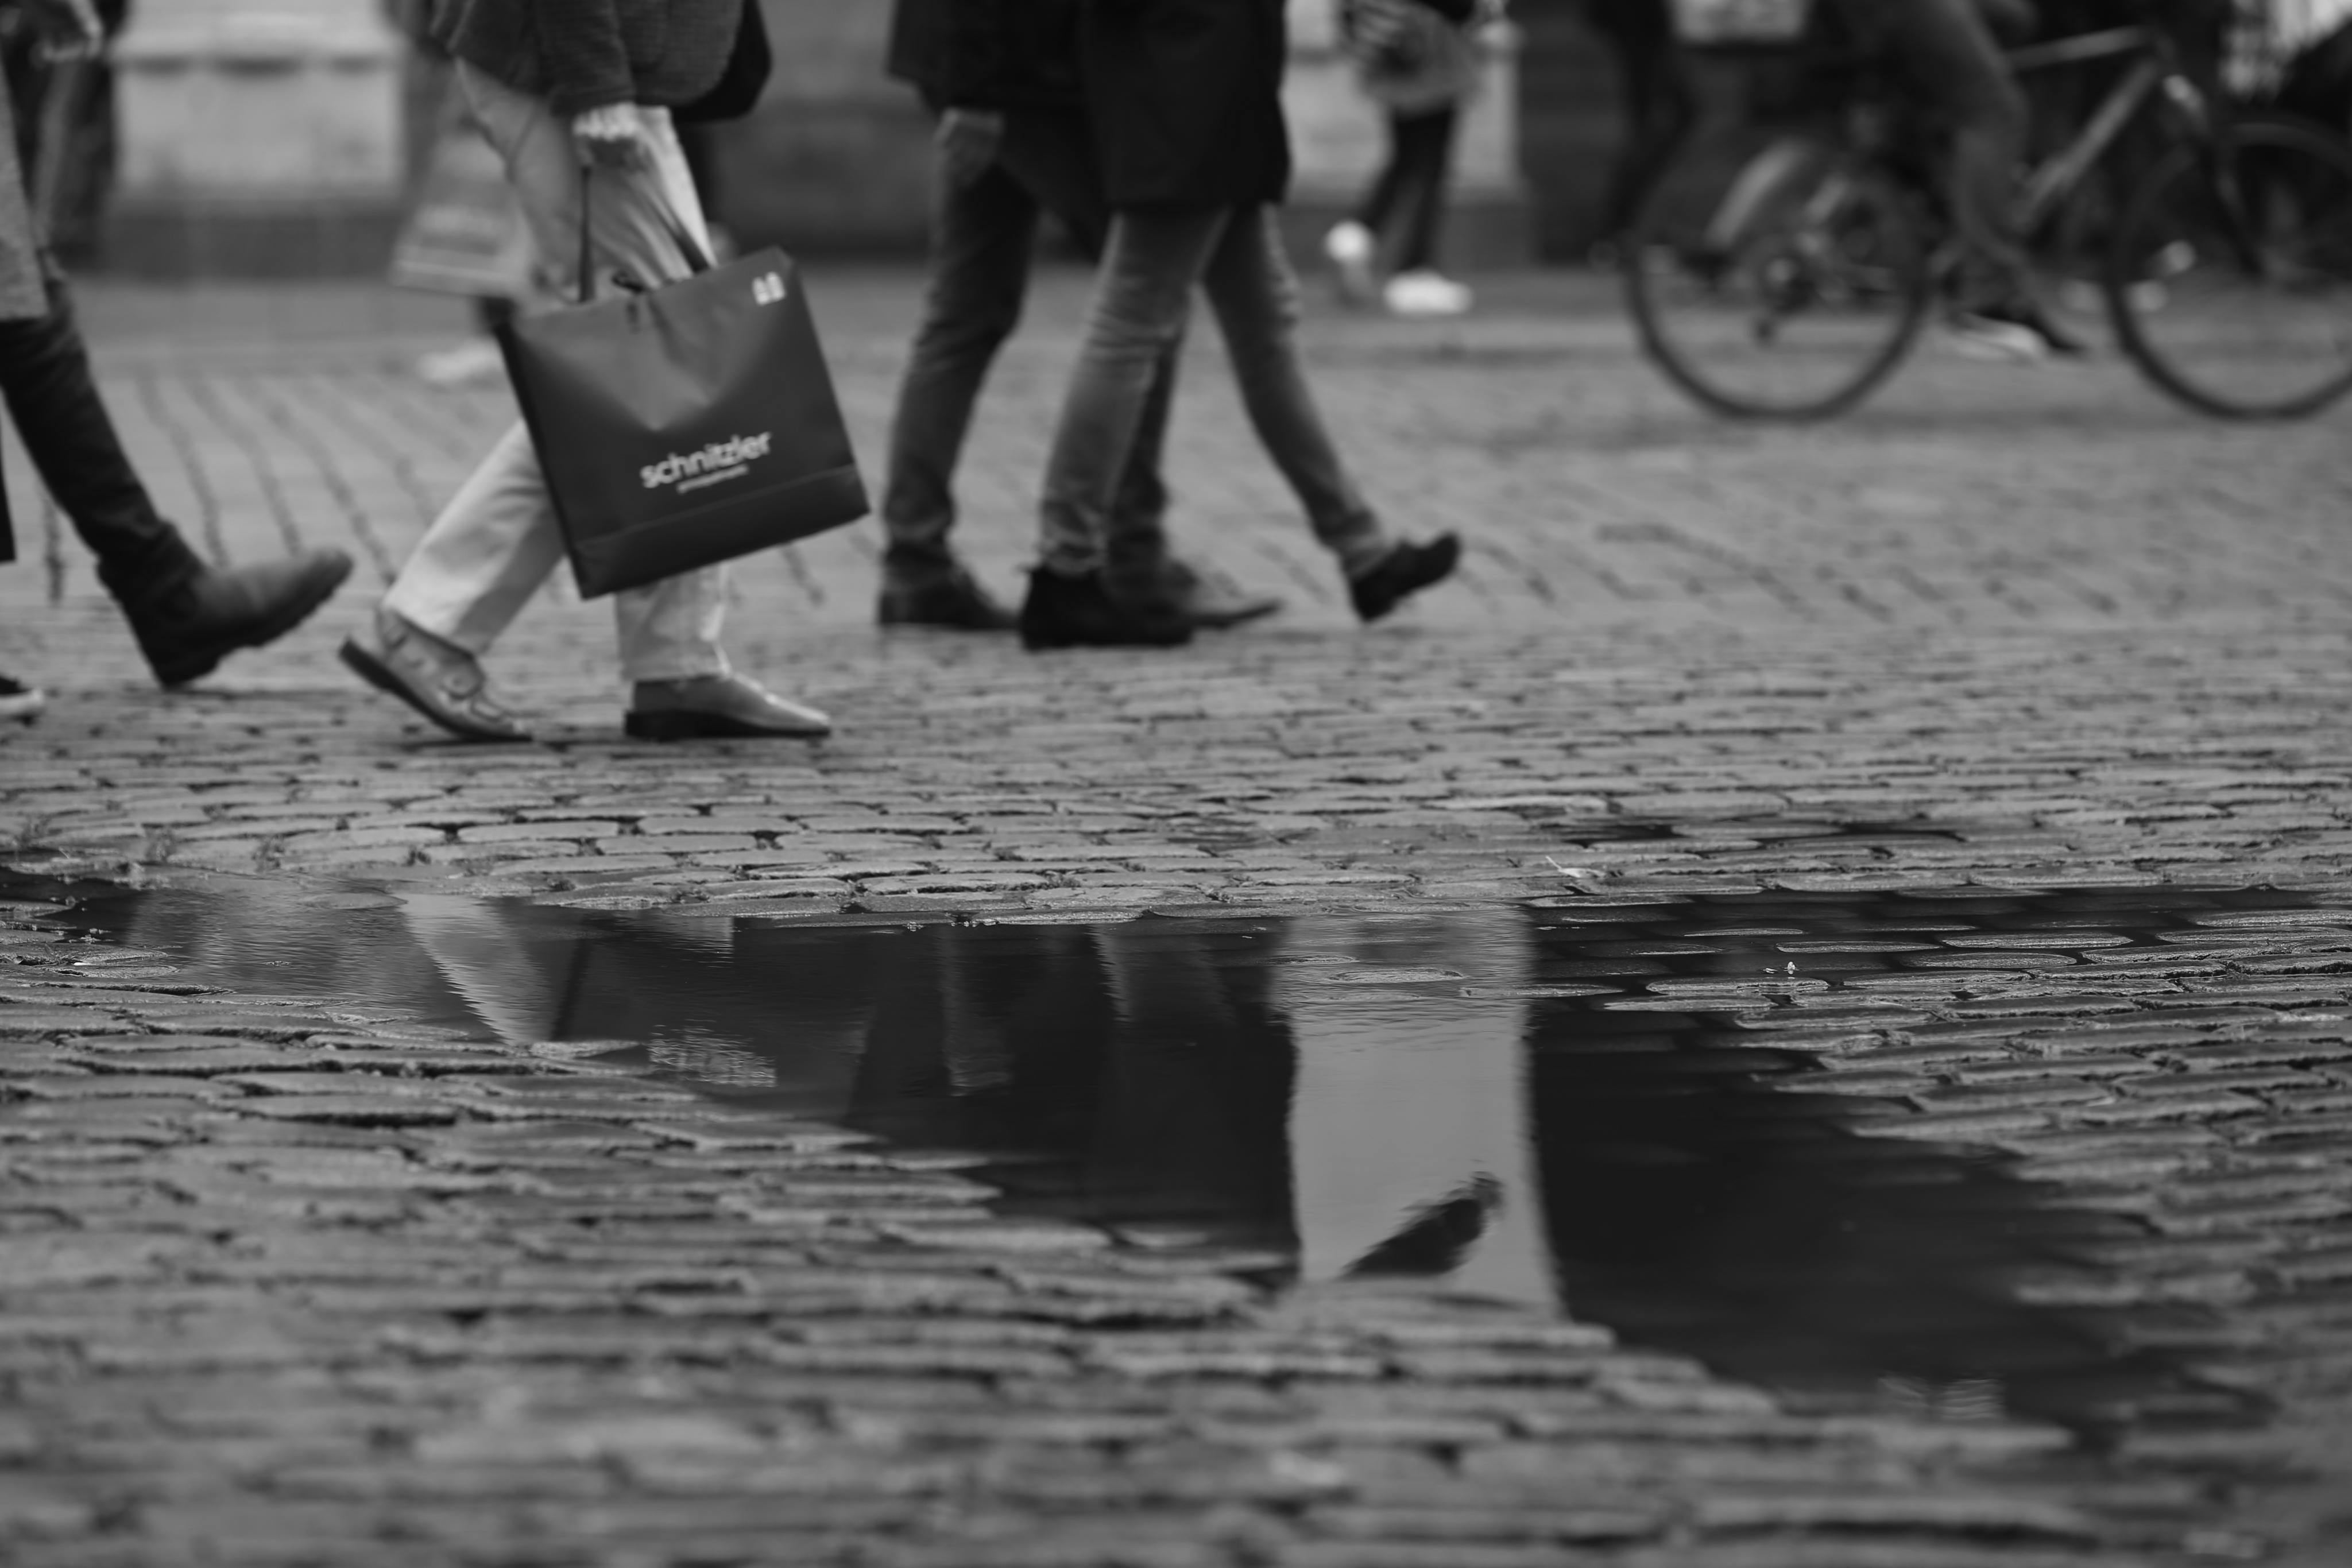 Stefan Fleuth - Spieglein, Spieglein | Mirror, Mirror (2019)